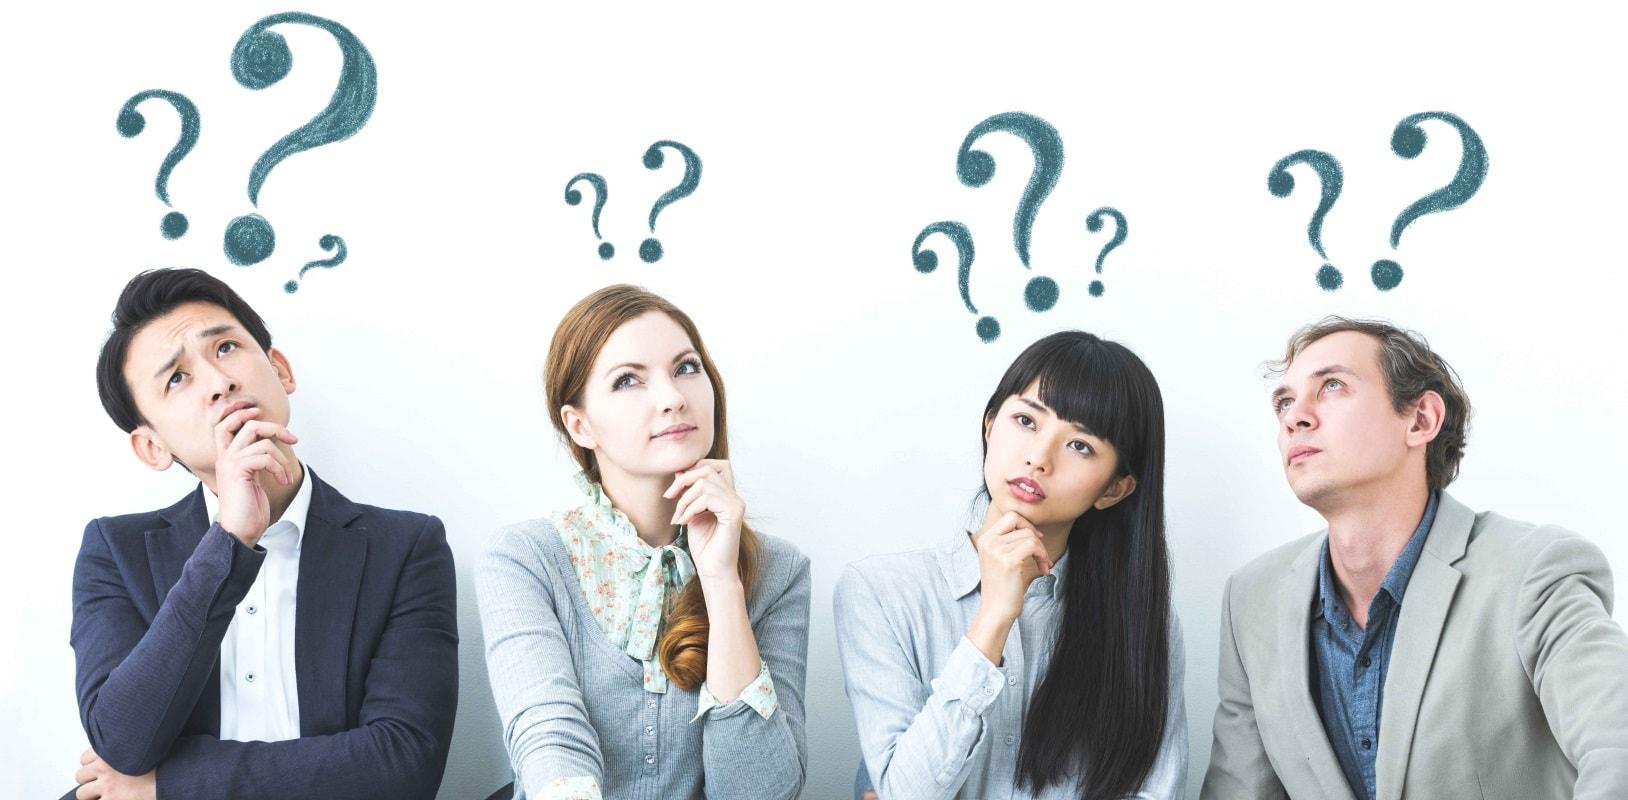 CRMとCTIの連携をセールスフォースを利用して行う効果とは何か